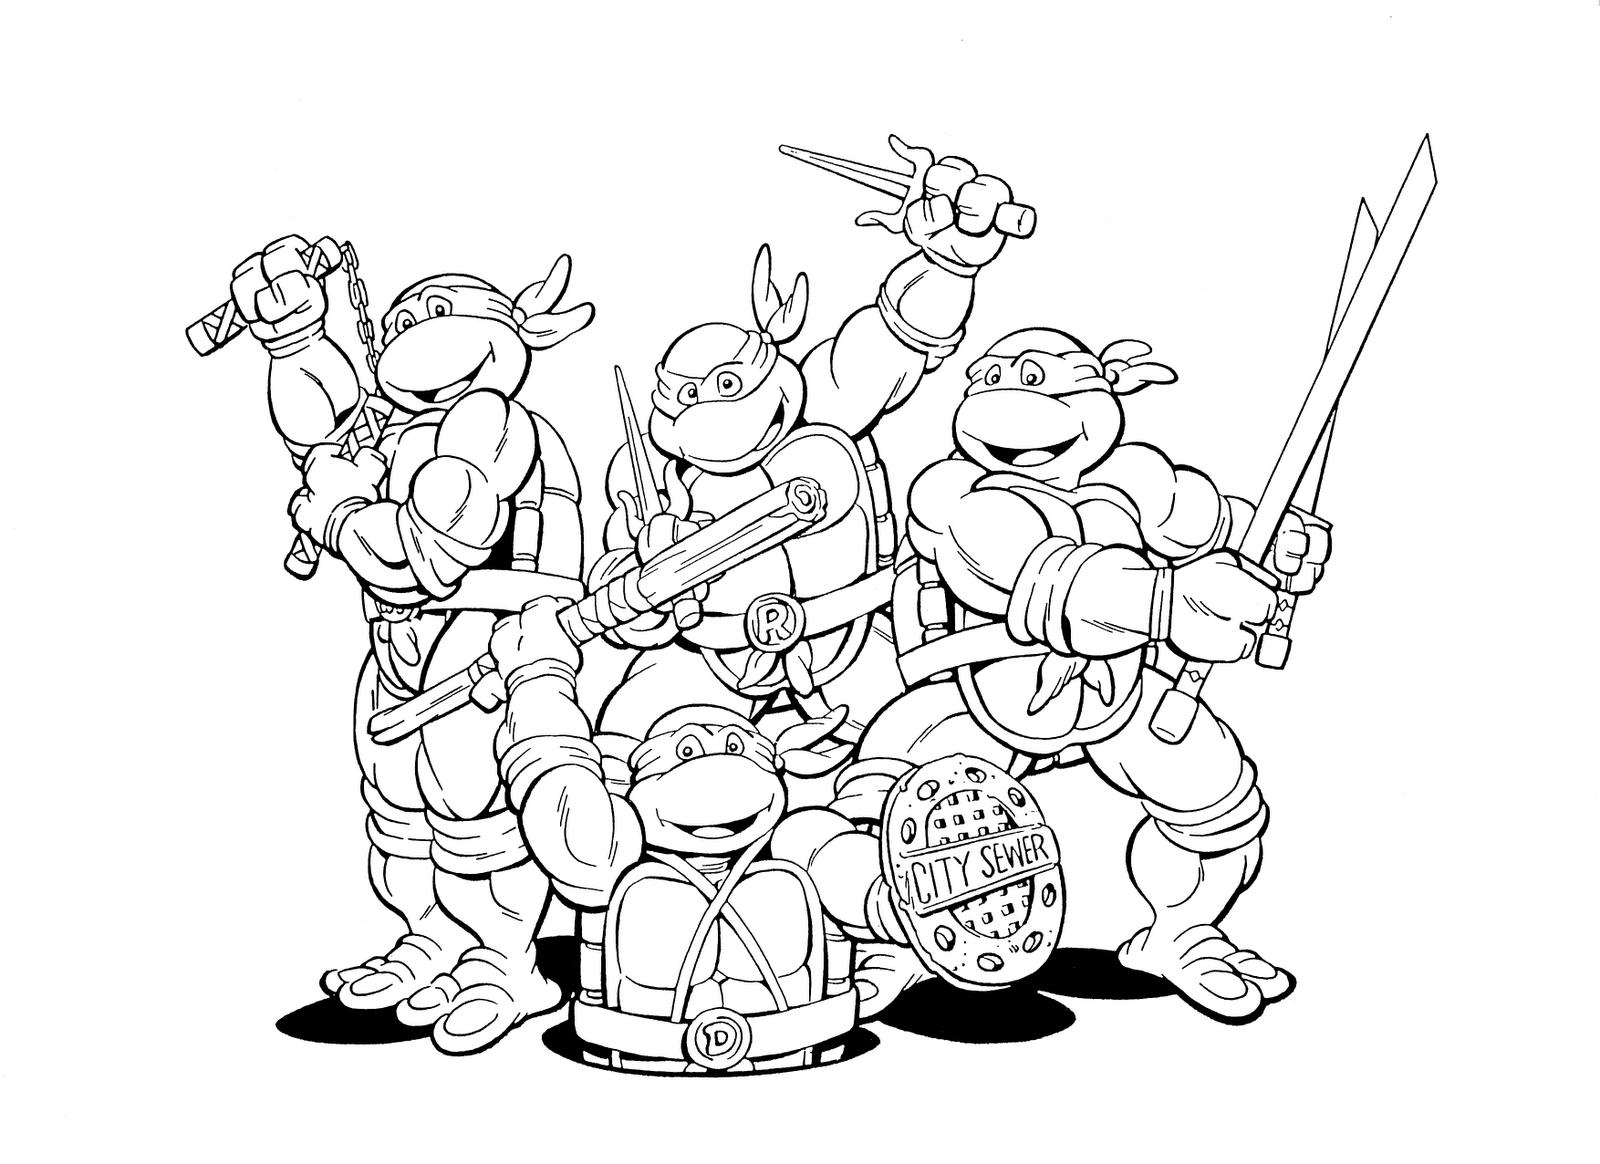 ninja turtles pictures unusual idea tmnt coloring pages teenage mutant ninja turtles ninja pictures